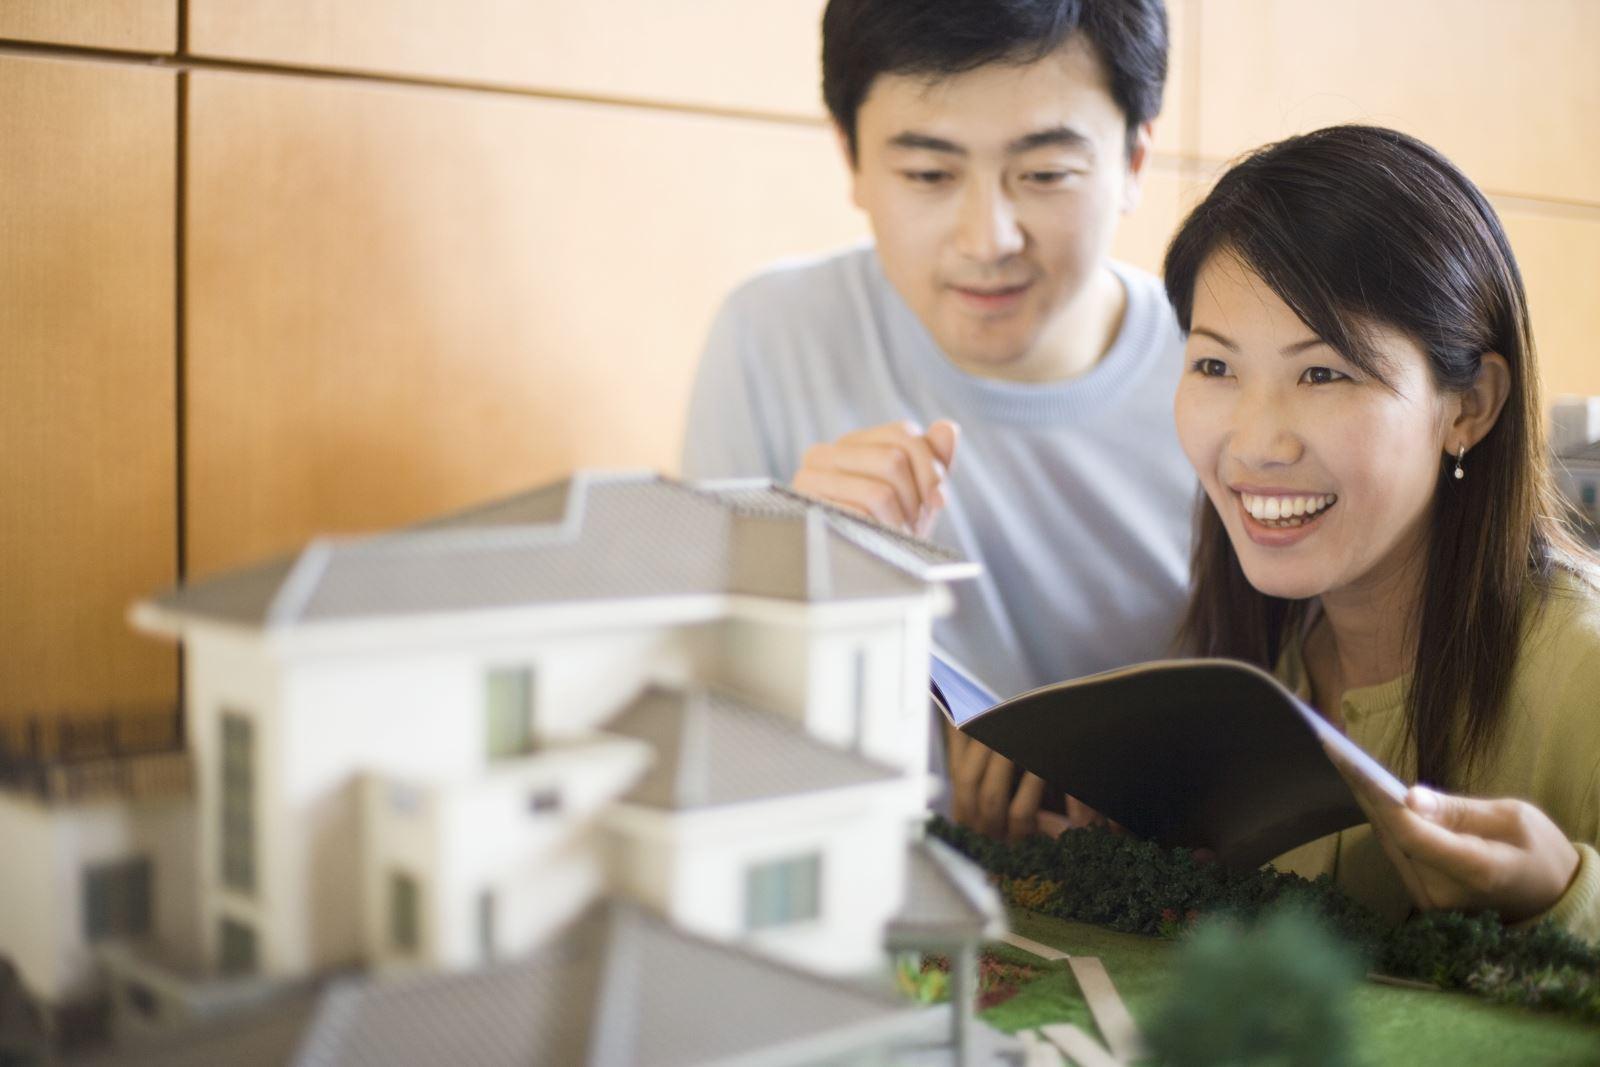 một cặp vợ chồng đang quan sát mô hình ngôi nhà